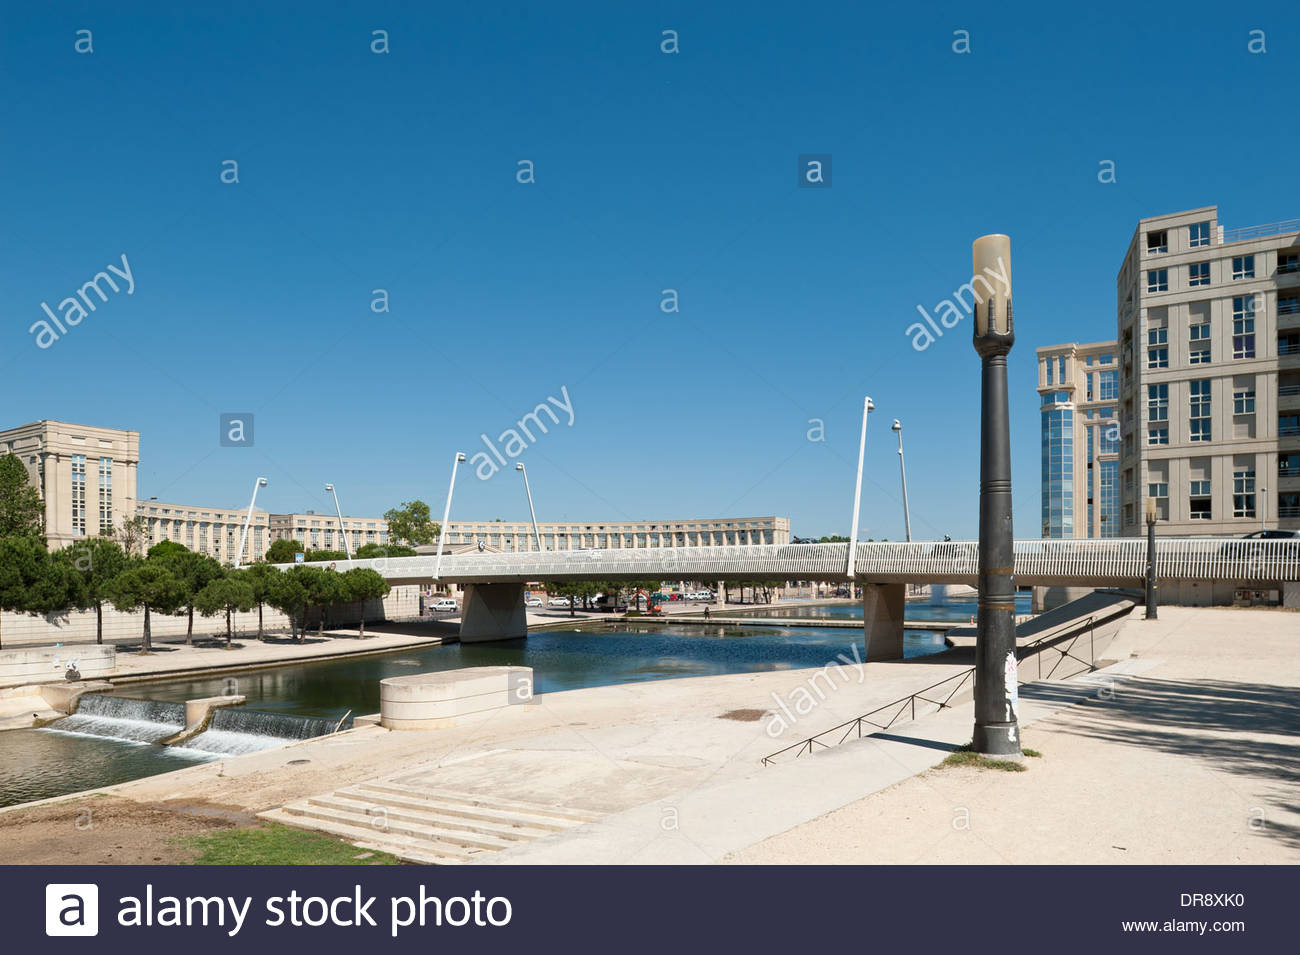 Montpellier Moderne Architektur Modern Architecture Stock